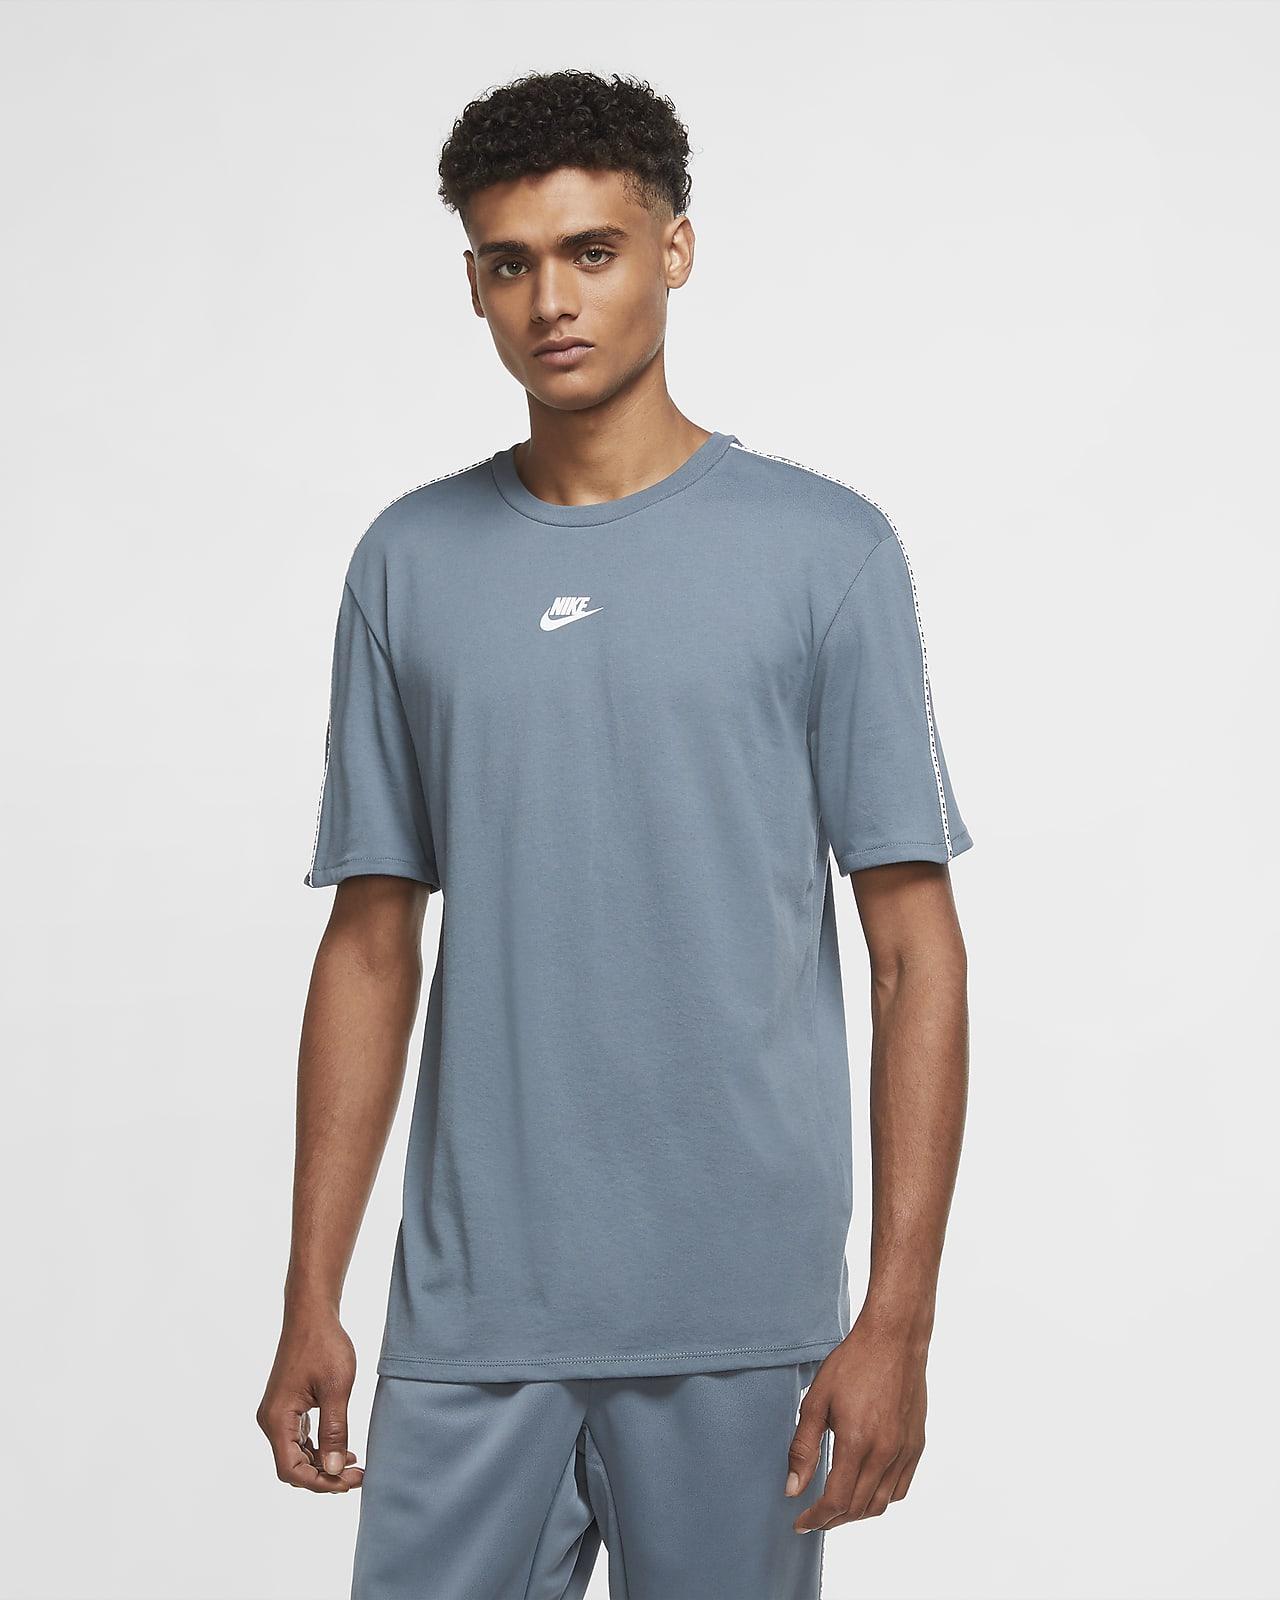 Camisola de manga curta Nike Sportswear para homem